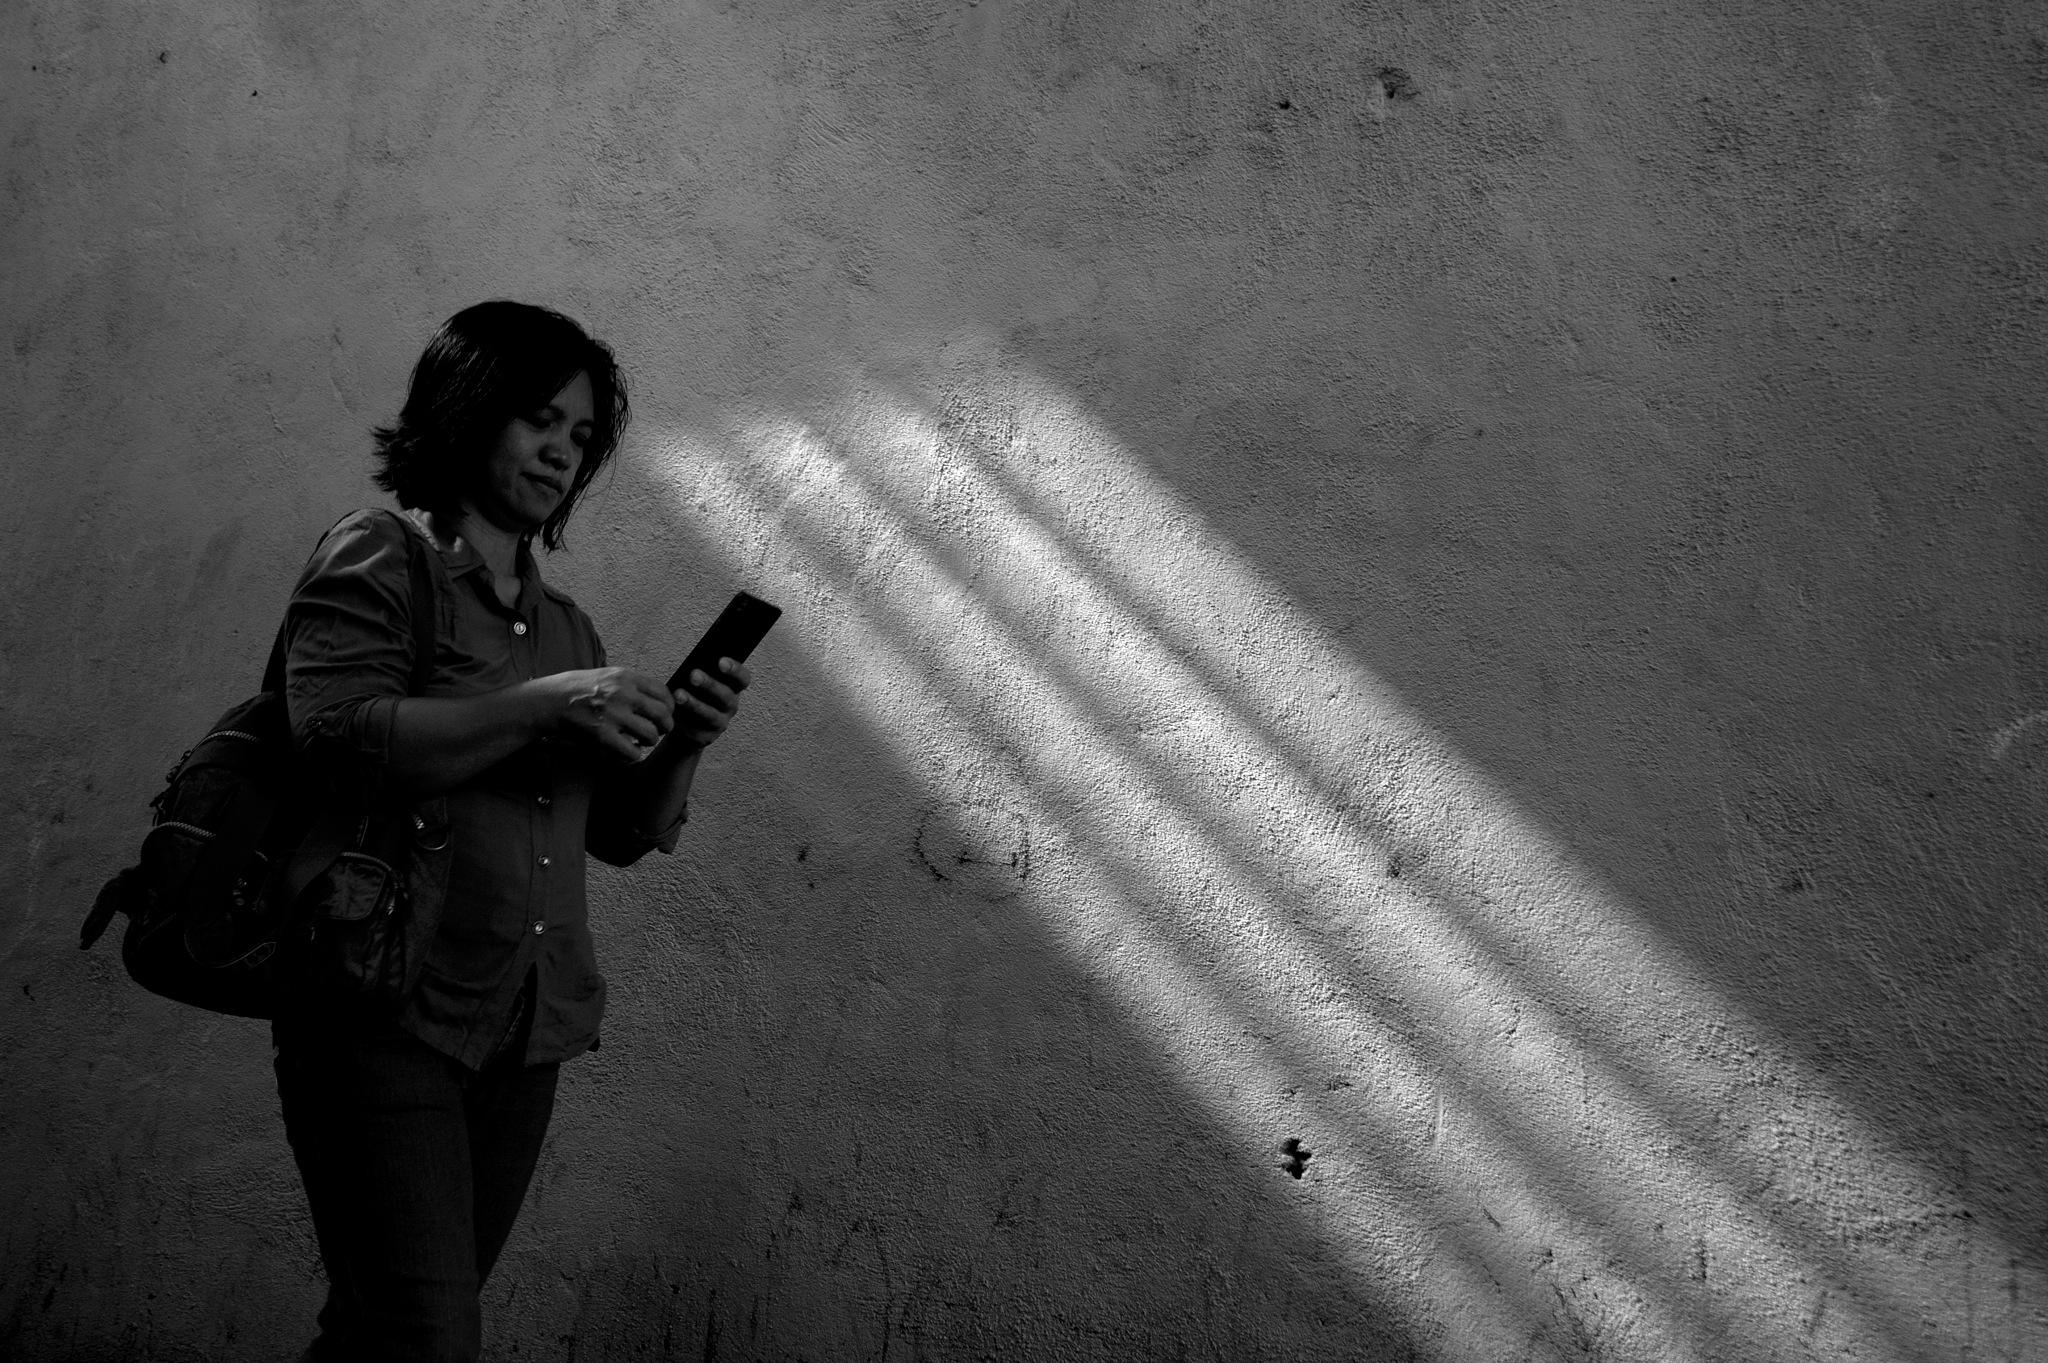 lights by Mustaffa Tapa Otai